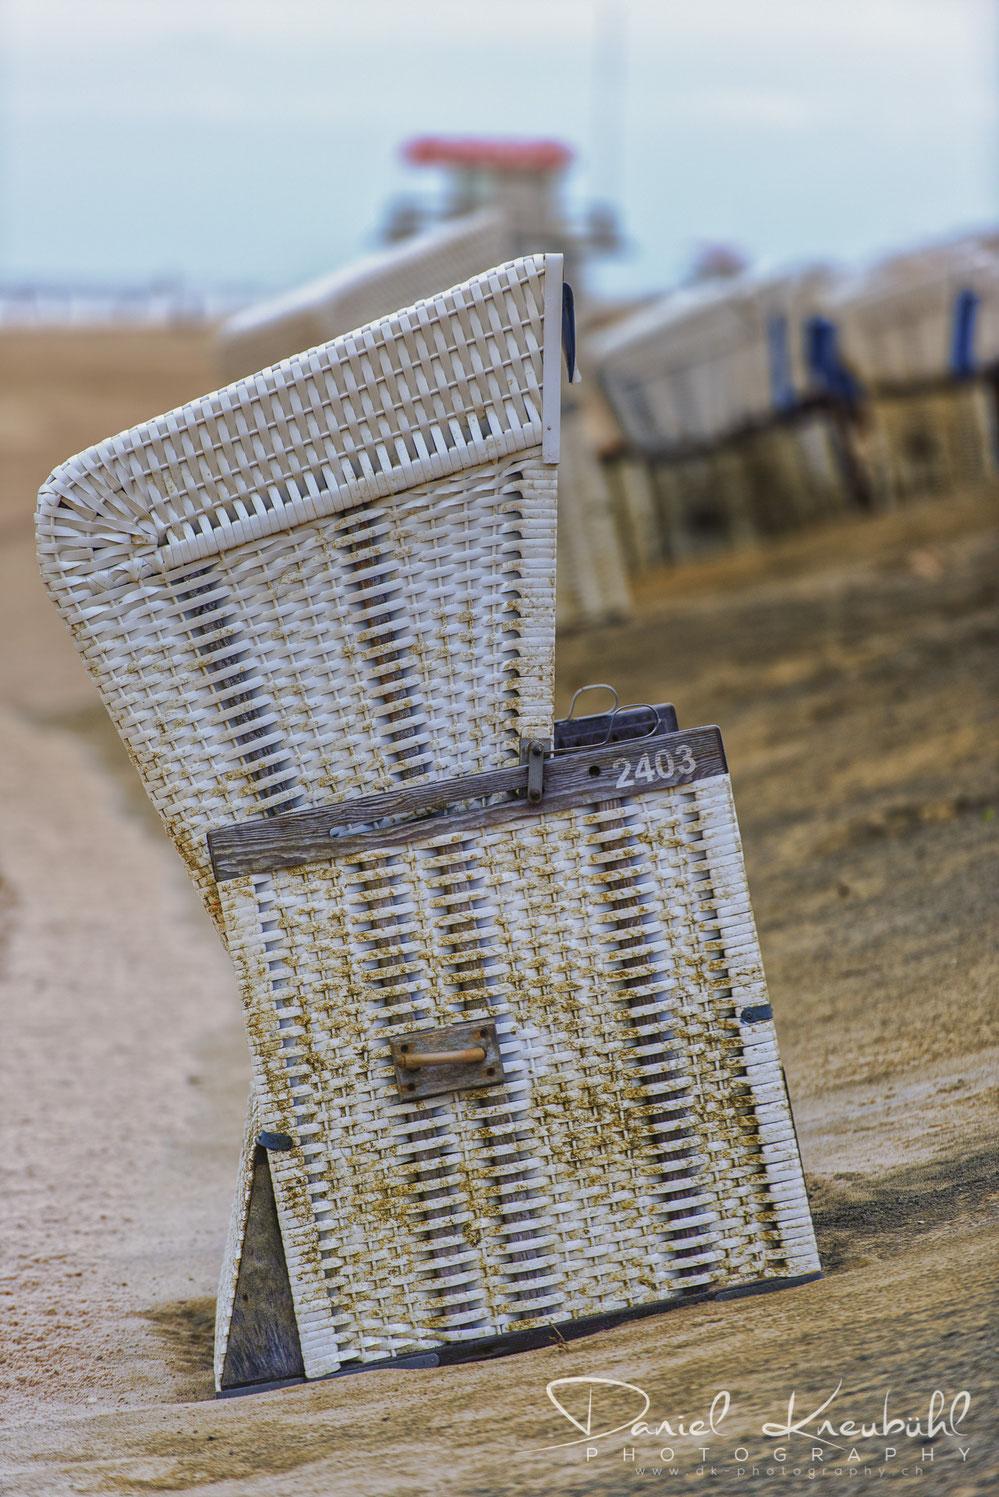 Strandkorb vom Sturm gezeichnet, Sylt, Nordsee, photoadventure.ch, dk-photography.ch,  Photographer/Fotograf: Daniel Kneubühl